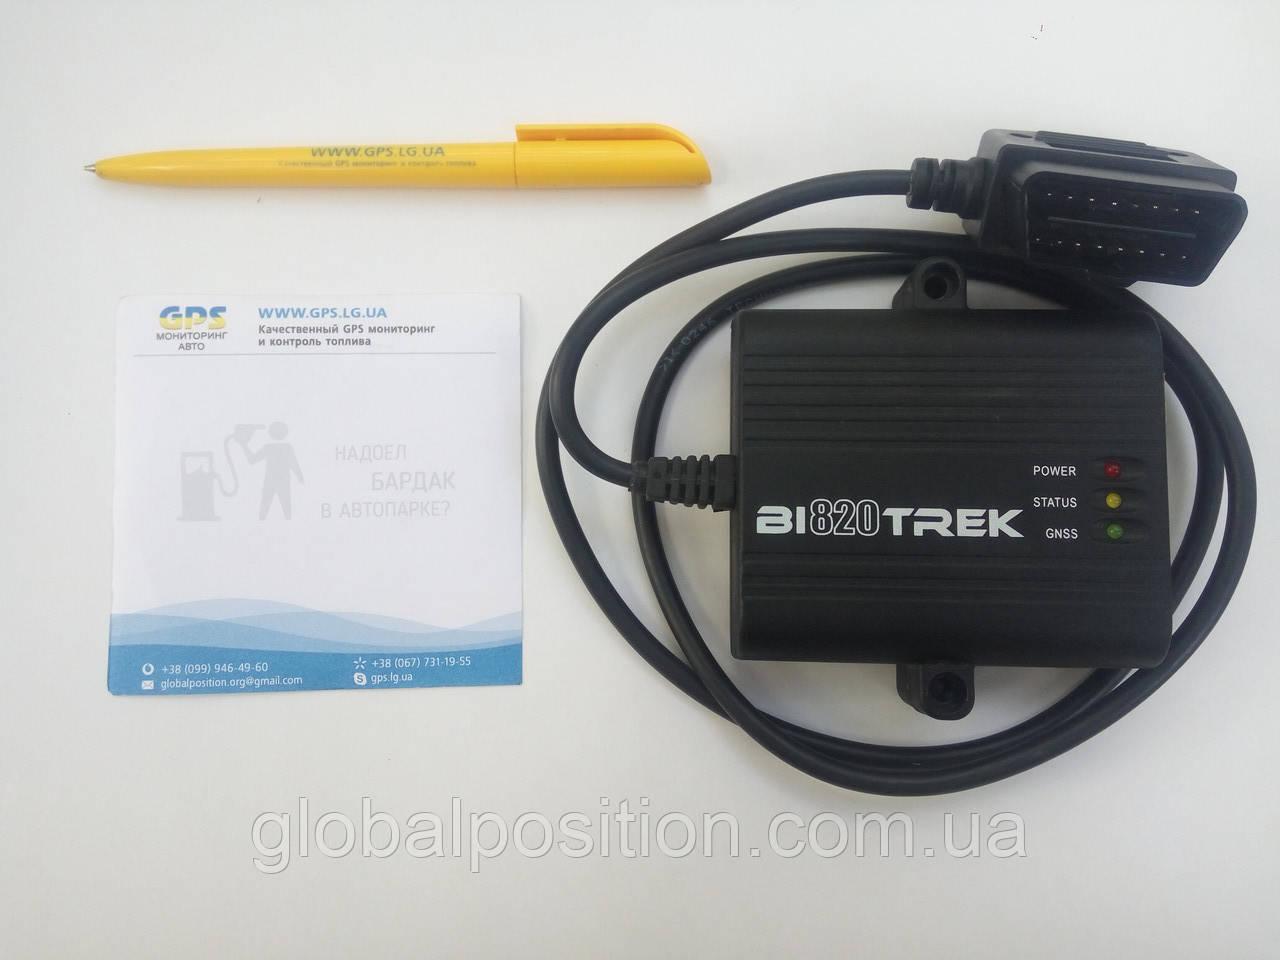 Автомобильный трекер GPS/Глонасс BI 820 TREK (OBD)